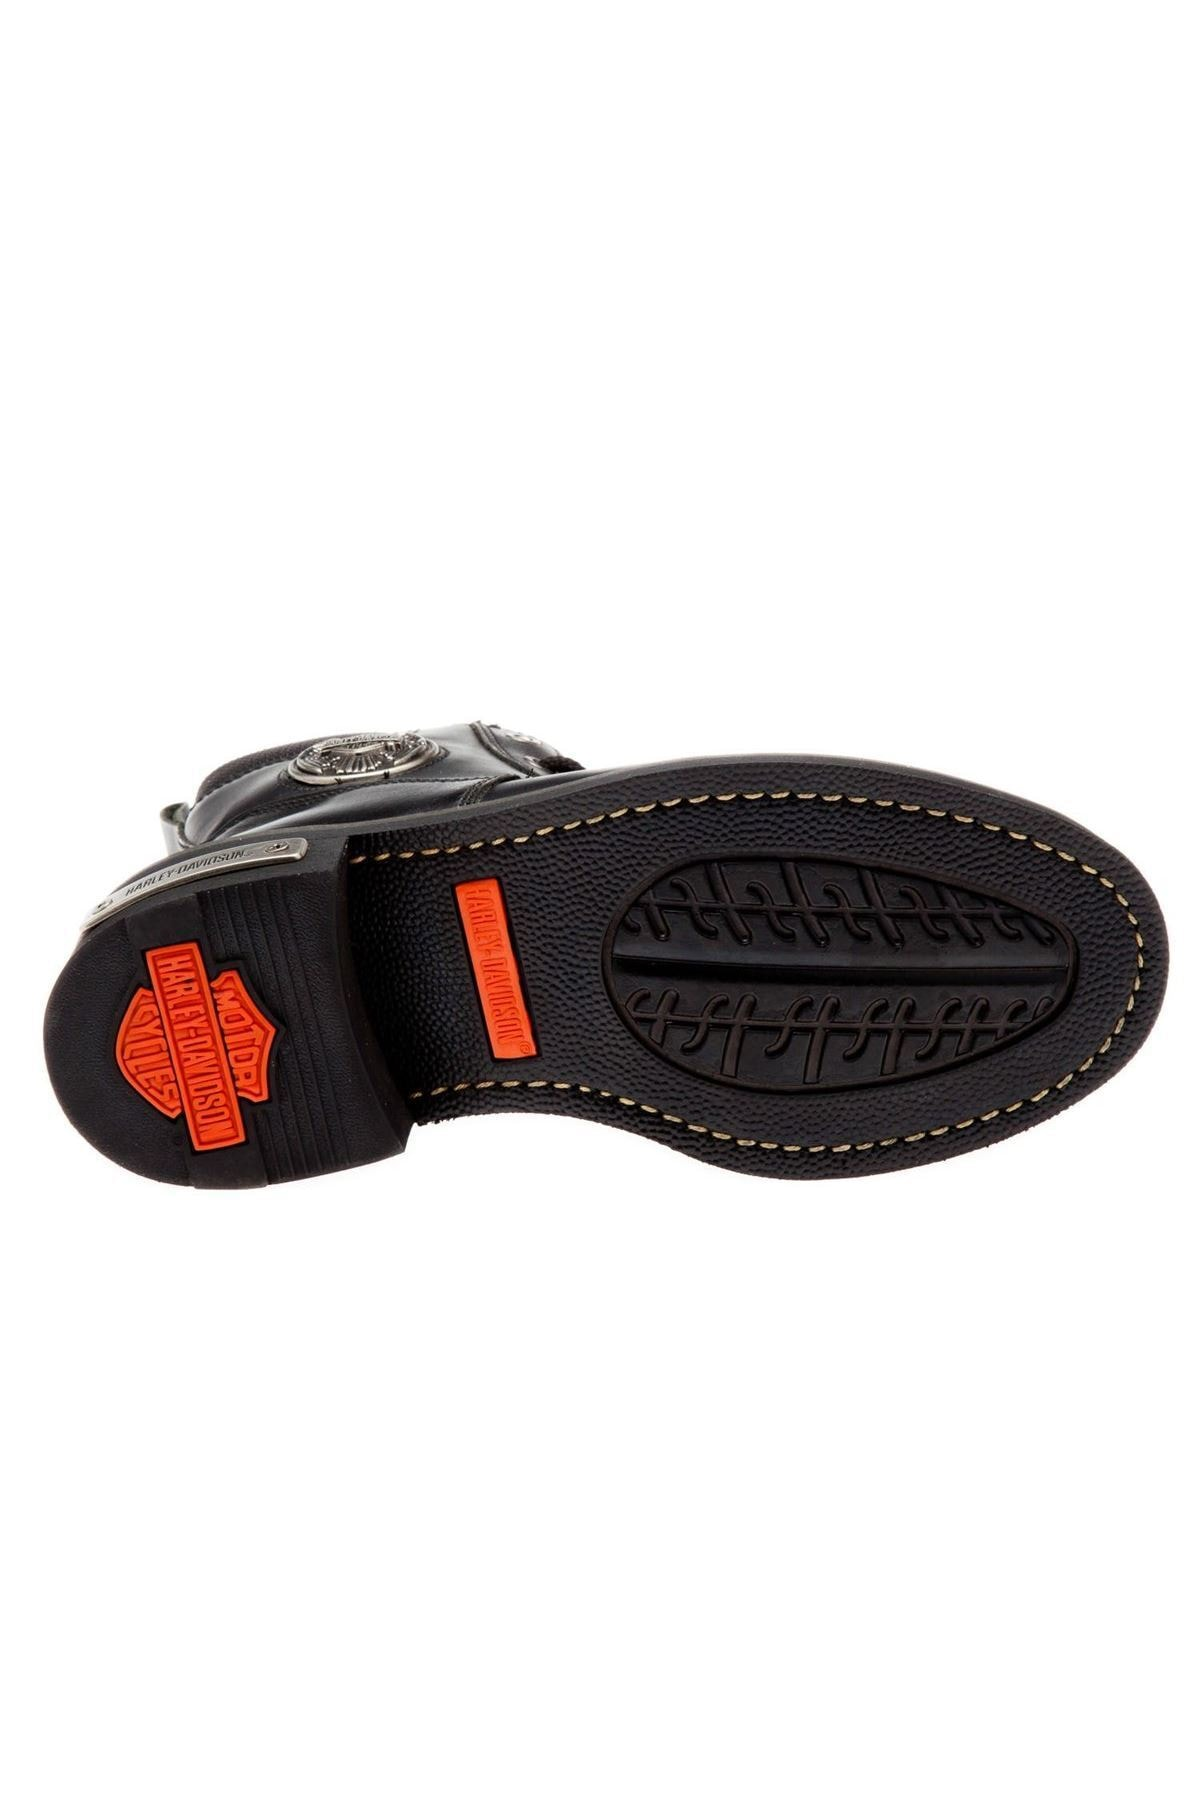 Harley Davidson Bayan Jim Bot 025g100128 2